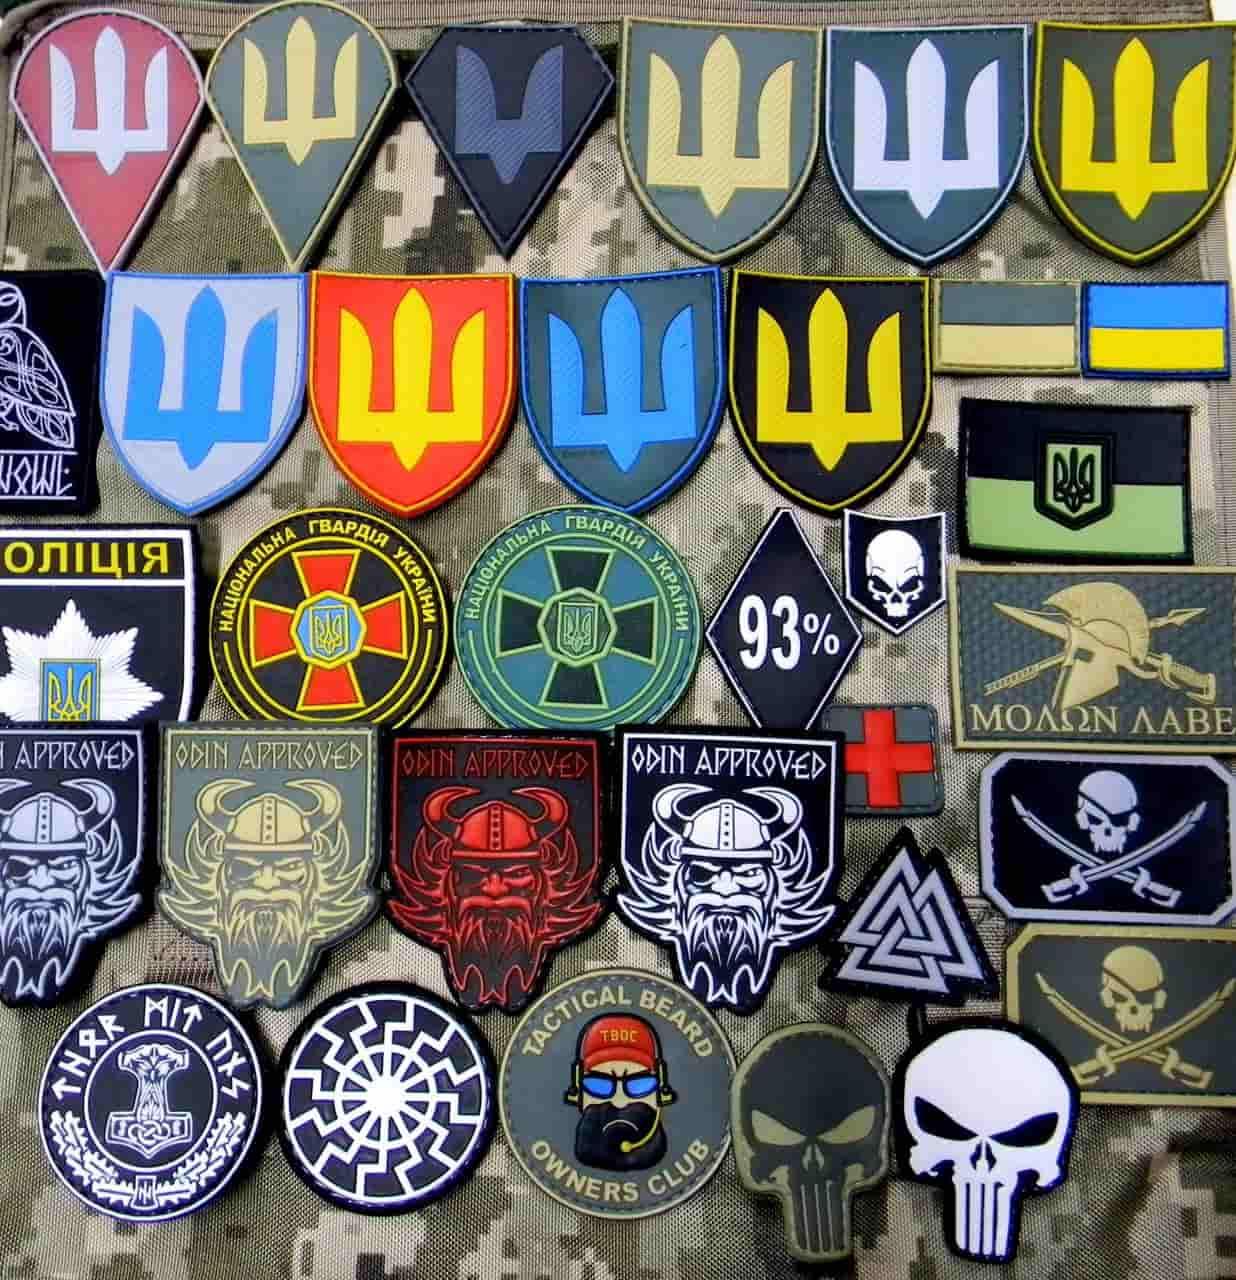 Нова Армія: Міноборони унормовує розробку нарукавних знаків